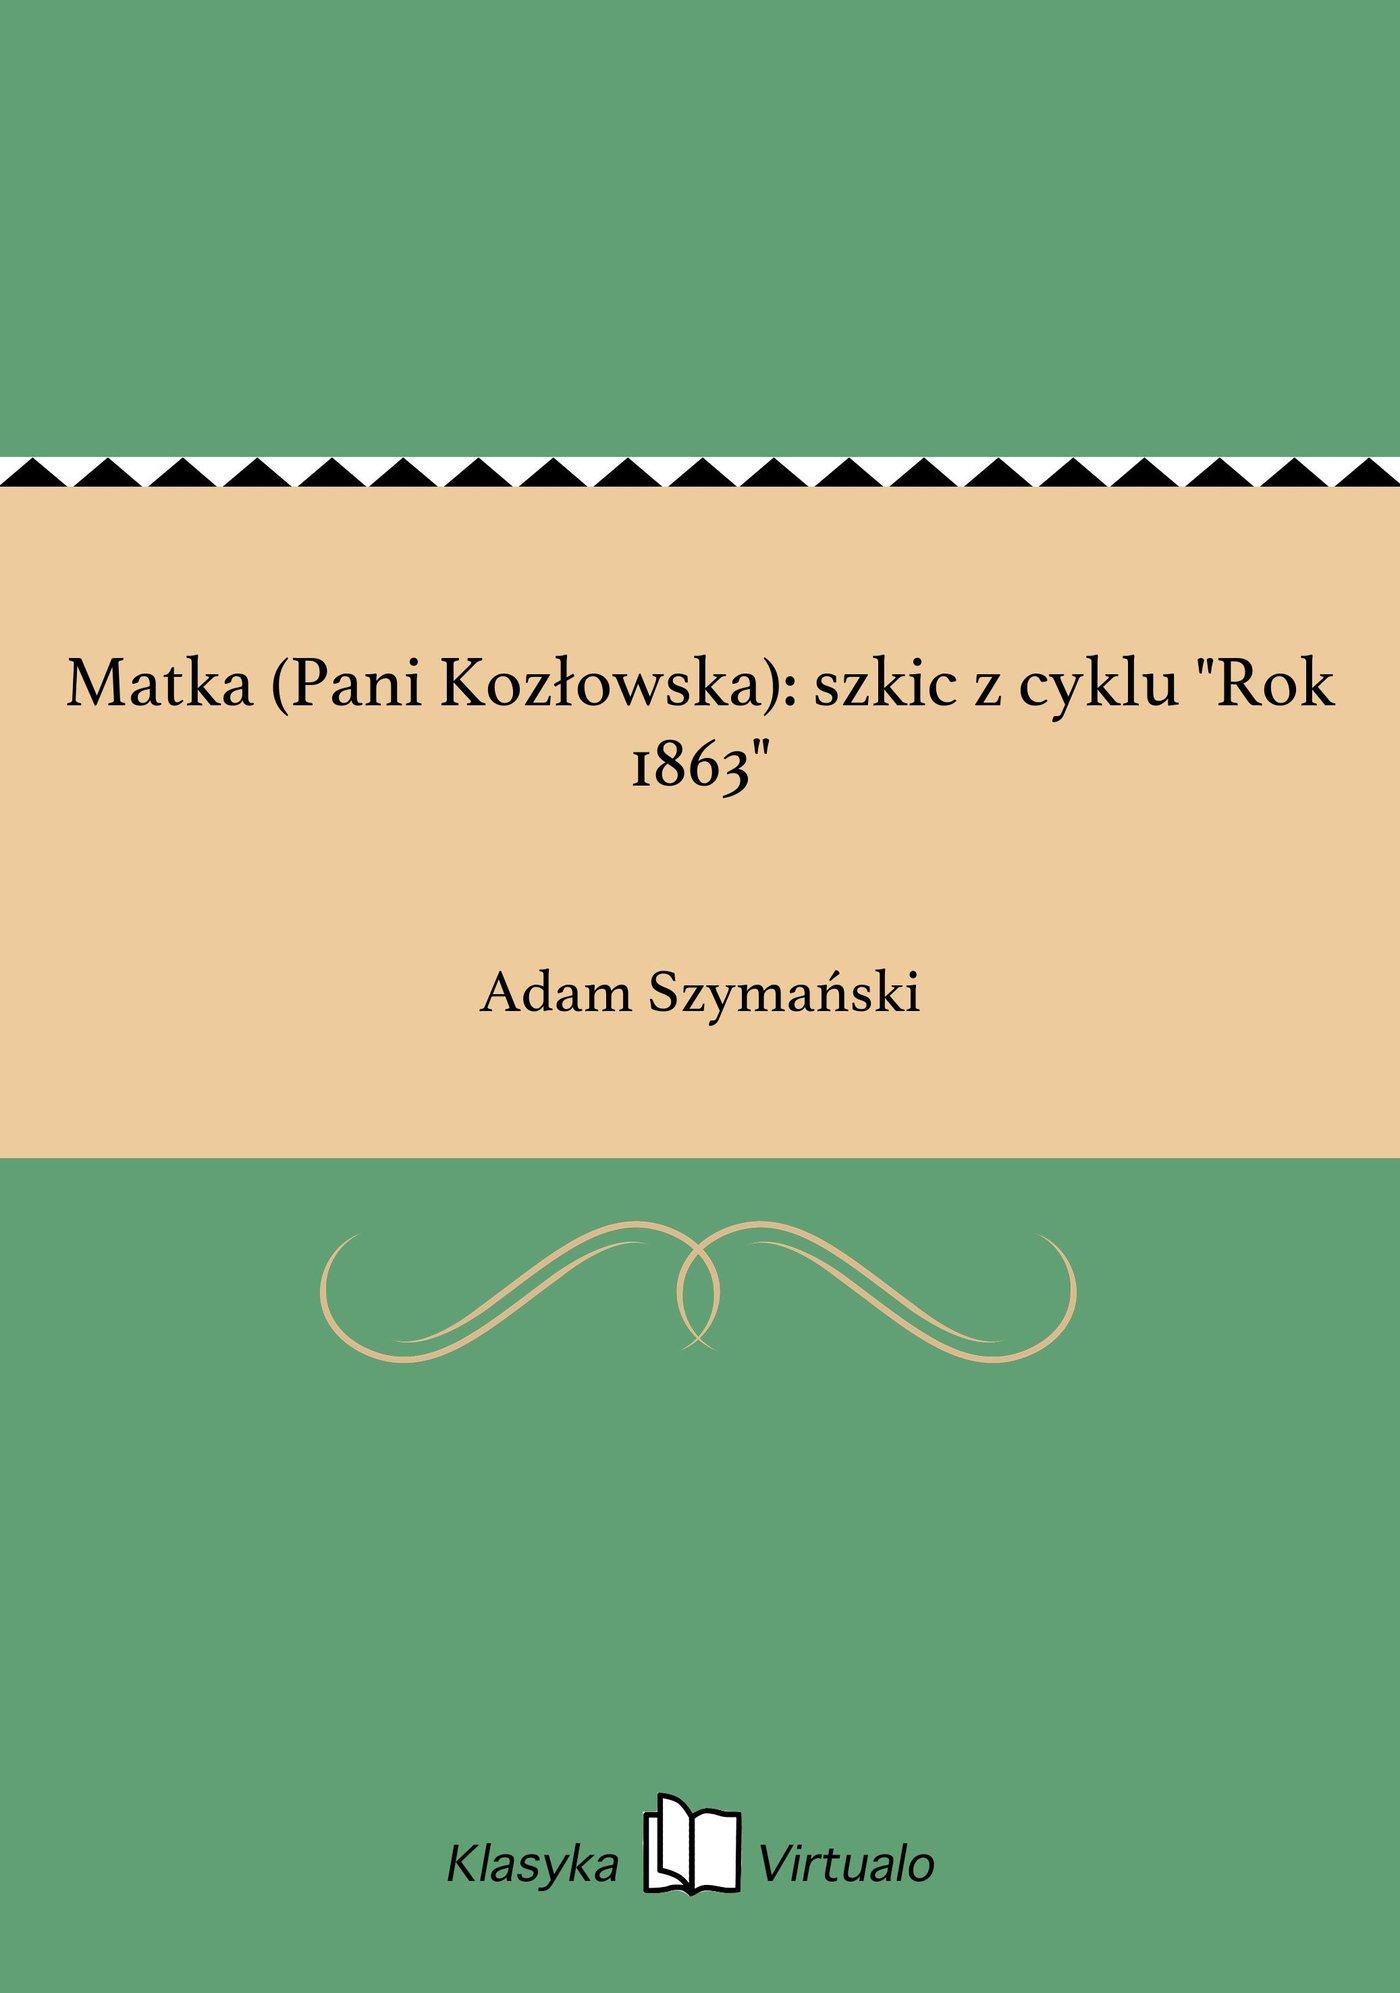 """Matka (Pani Kozłowska): szkic z cyklu """"Rok 1863"""" - Ebook (Książka EPUB) do pobrania w formacie EPUB"""